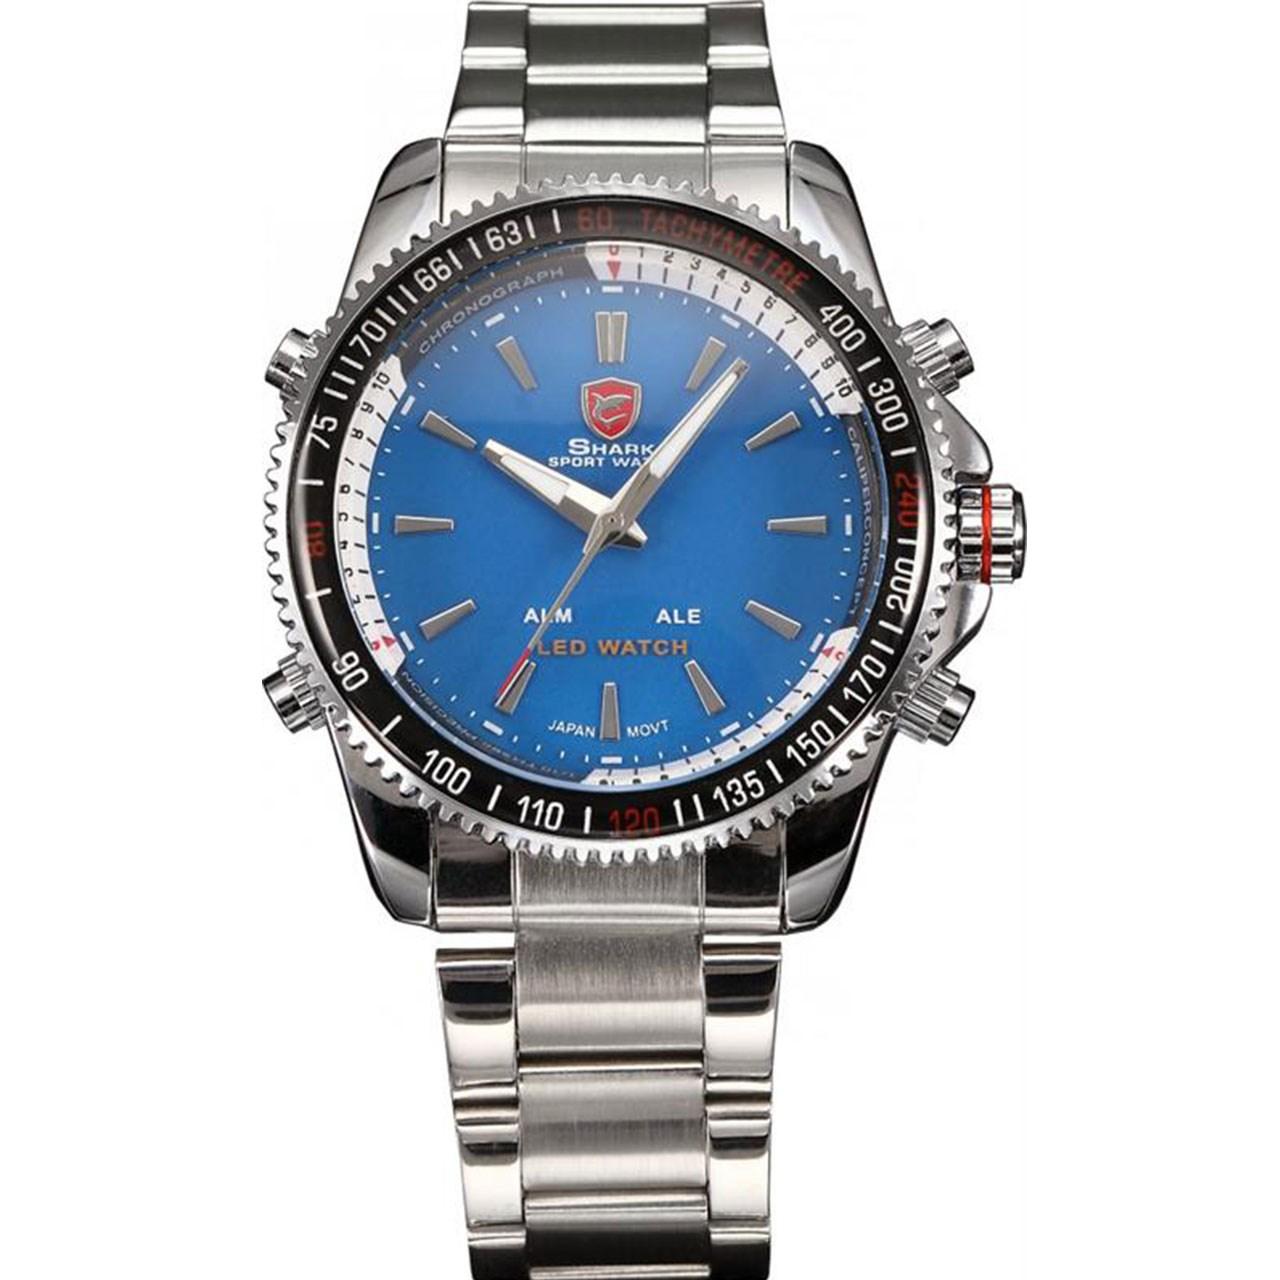 ساعت مچی عقربه ای مردانه شارک اسپورت مدل SH003 17